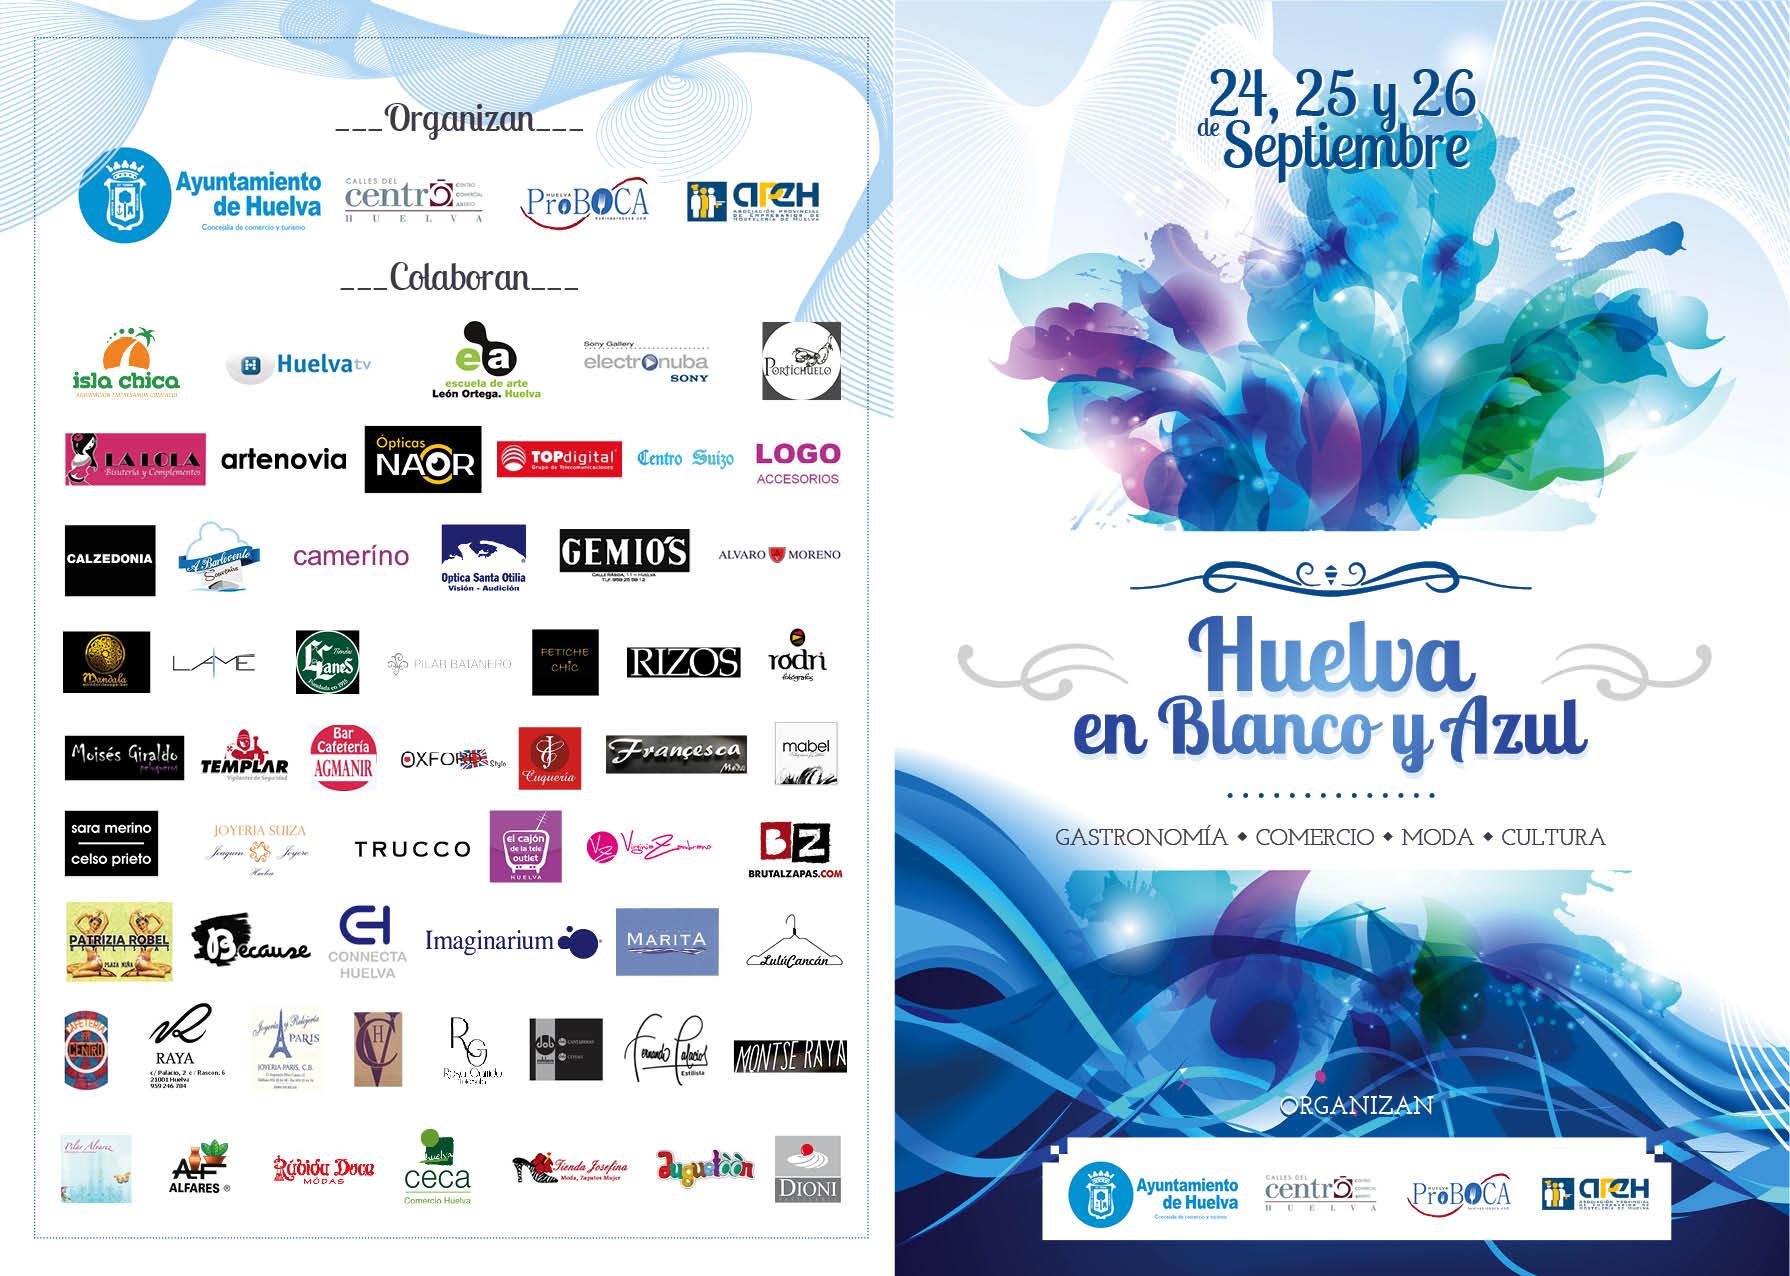 Santa Otilia en Huelva en Blanco y Azul